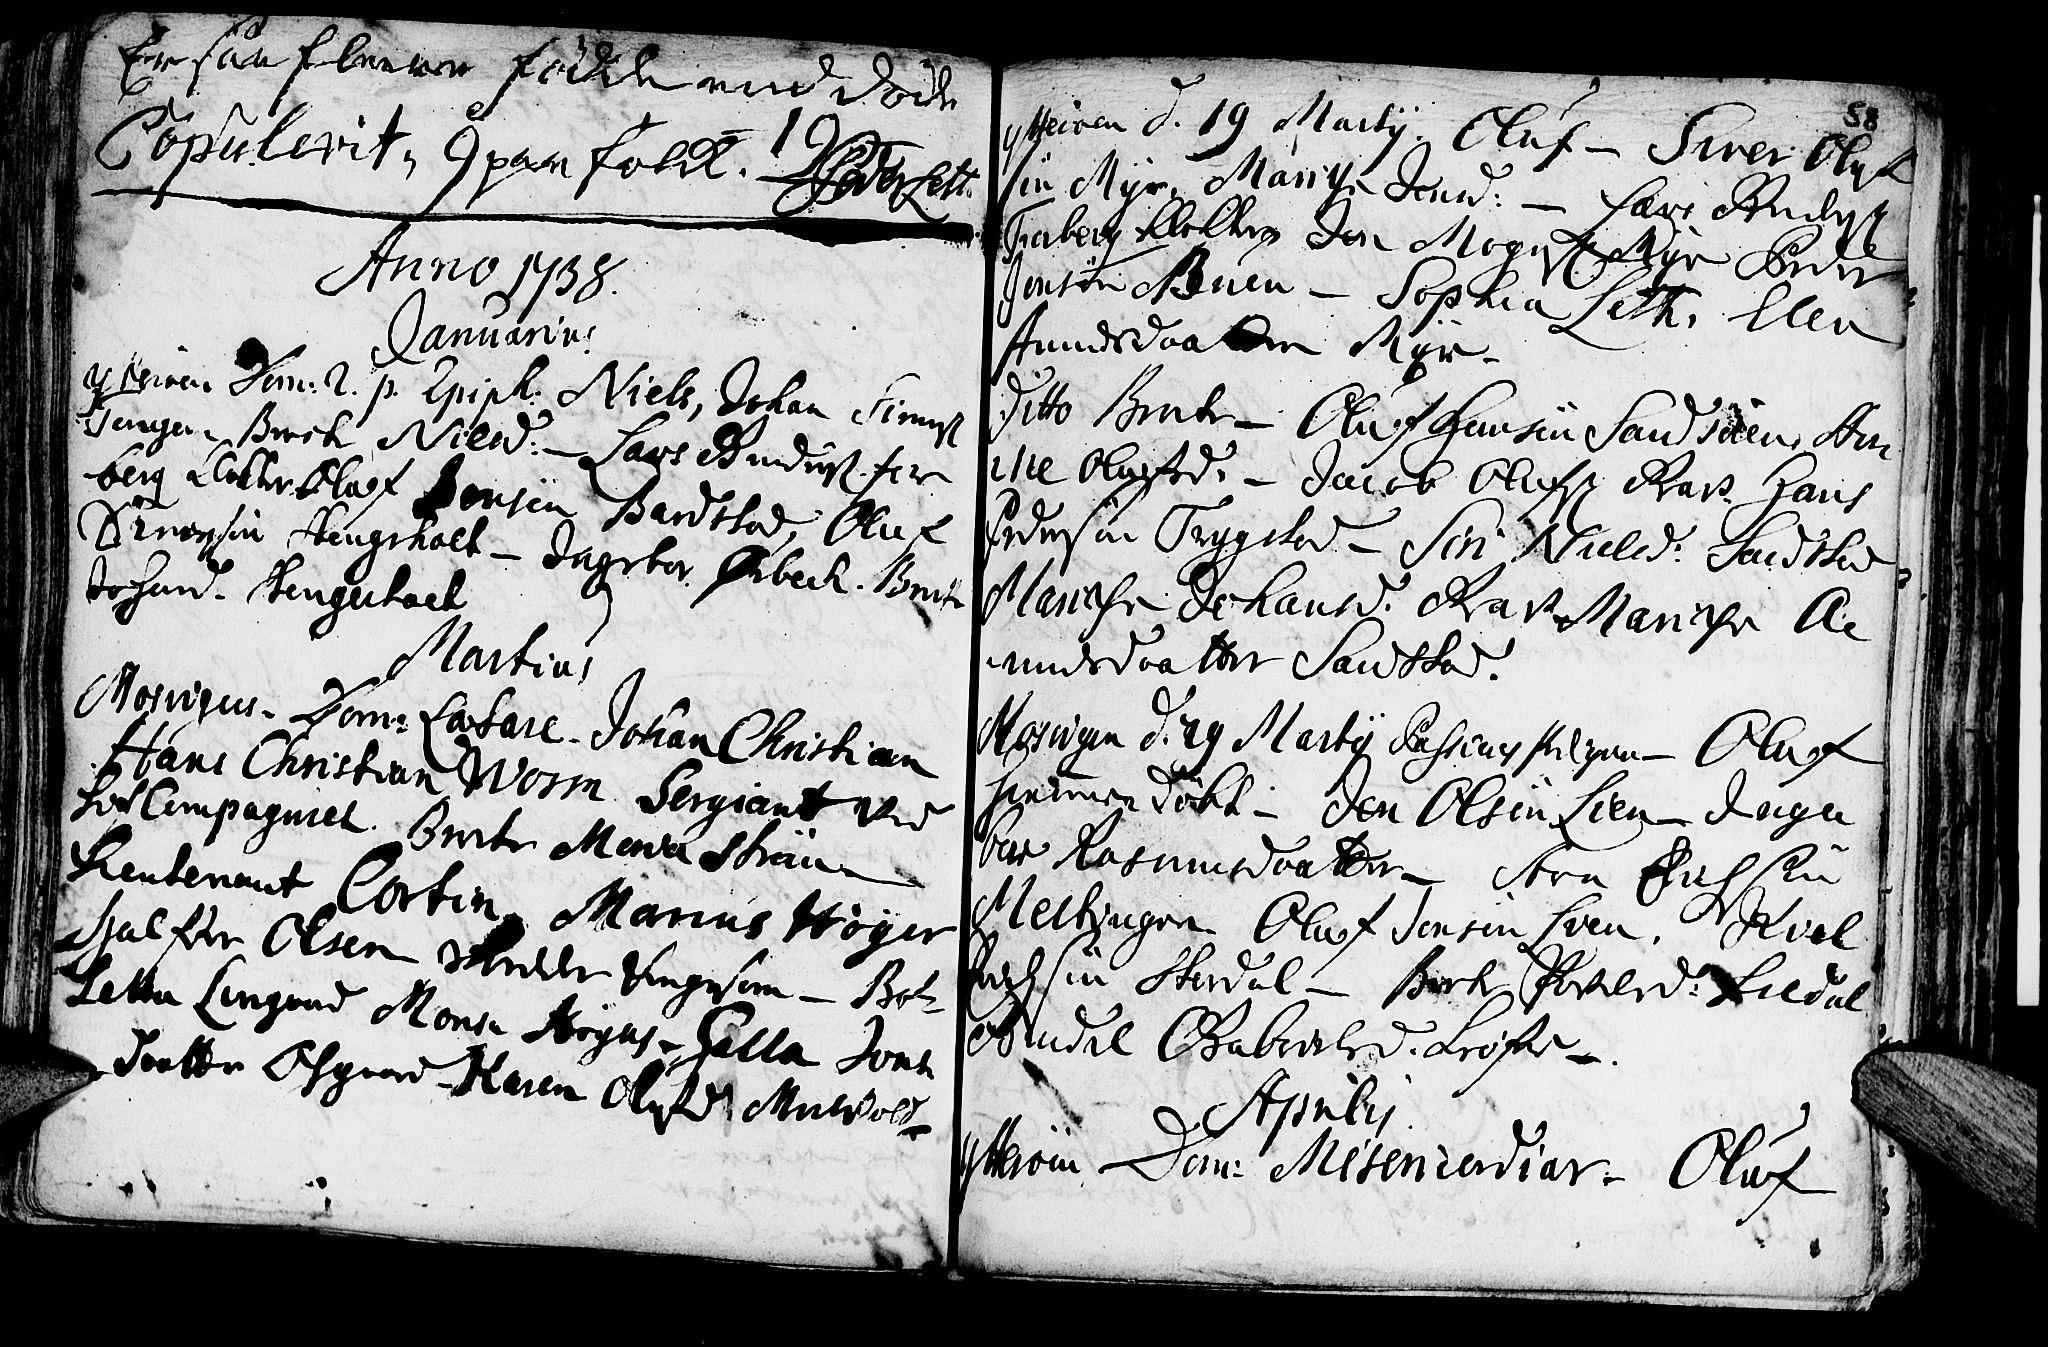 SAT, Ministerialprotokoller, klokkerbøker og fødselsregistre - Nord-Trøndelag, 722/L0215: Ministerialbok nr. 722A02, 1718-1755, s. 58